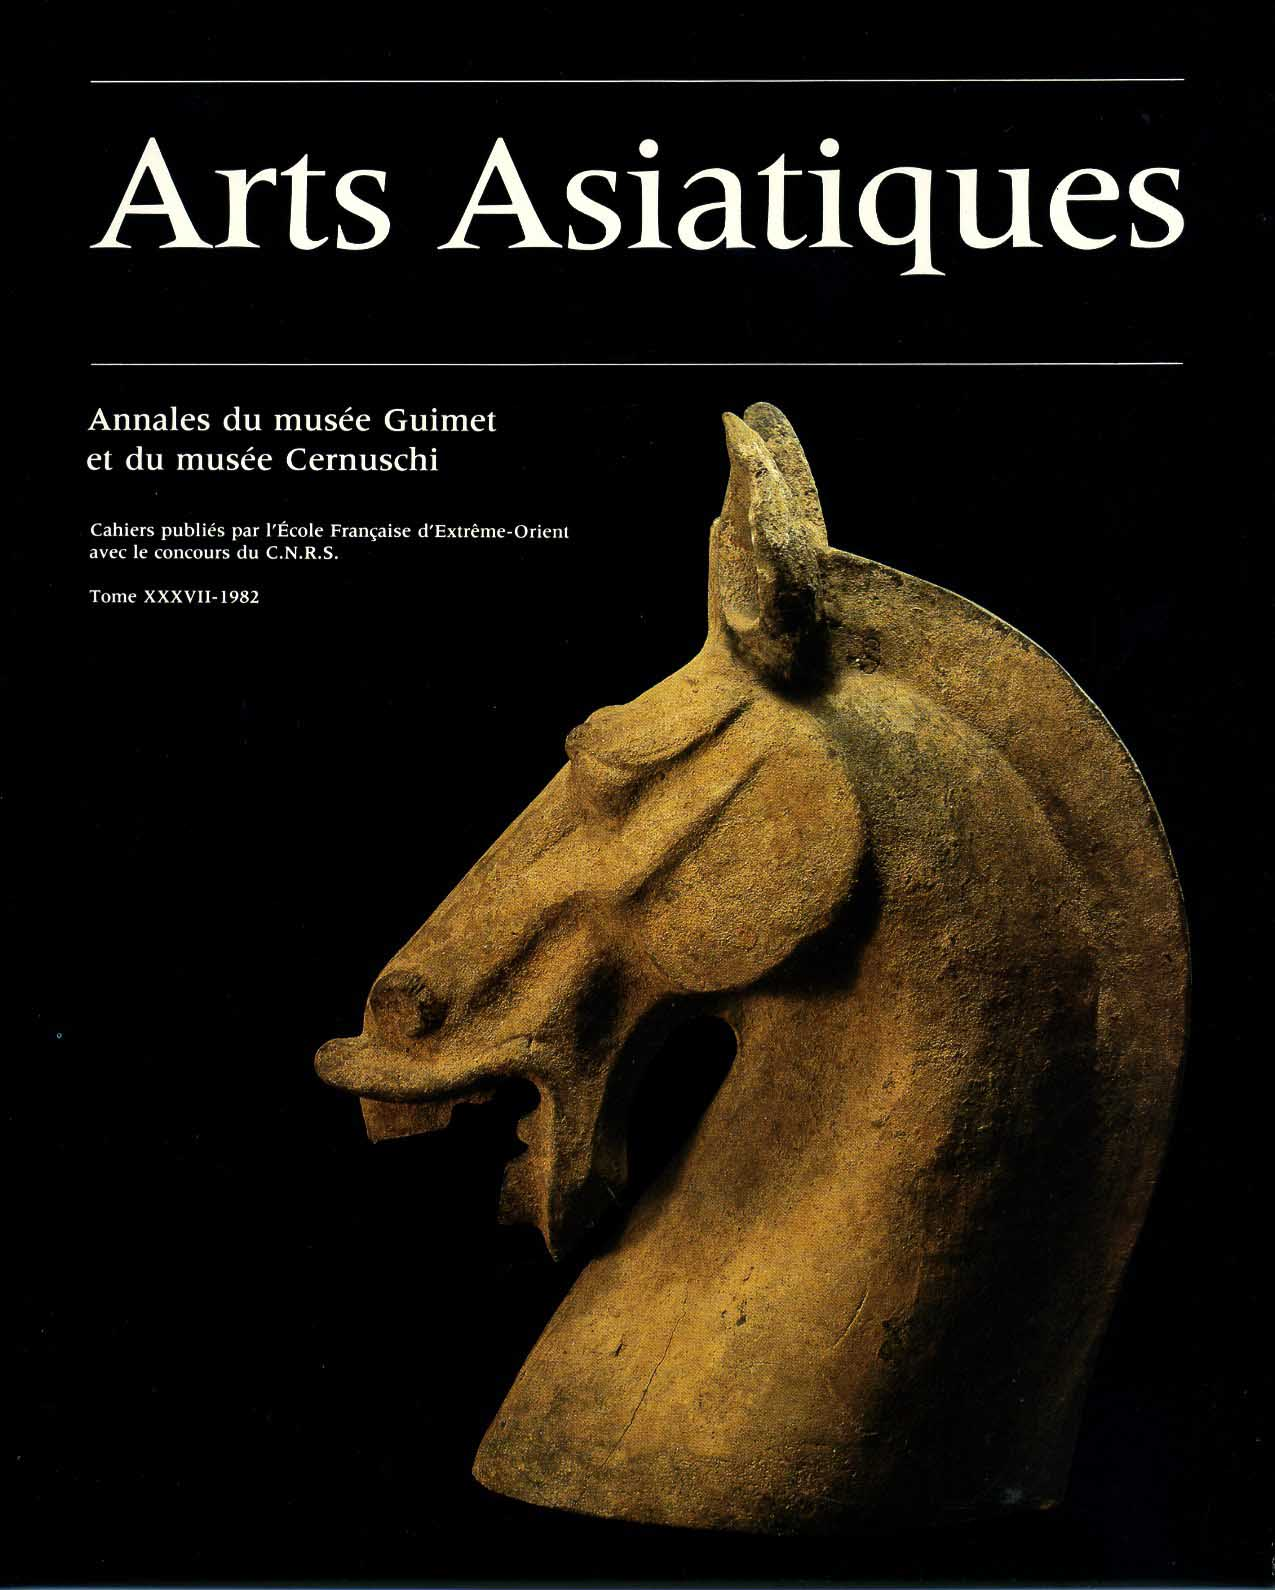 Arts Asiatiques 37 (1982)